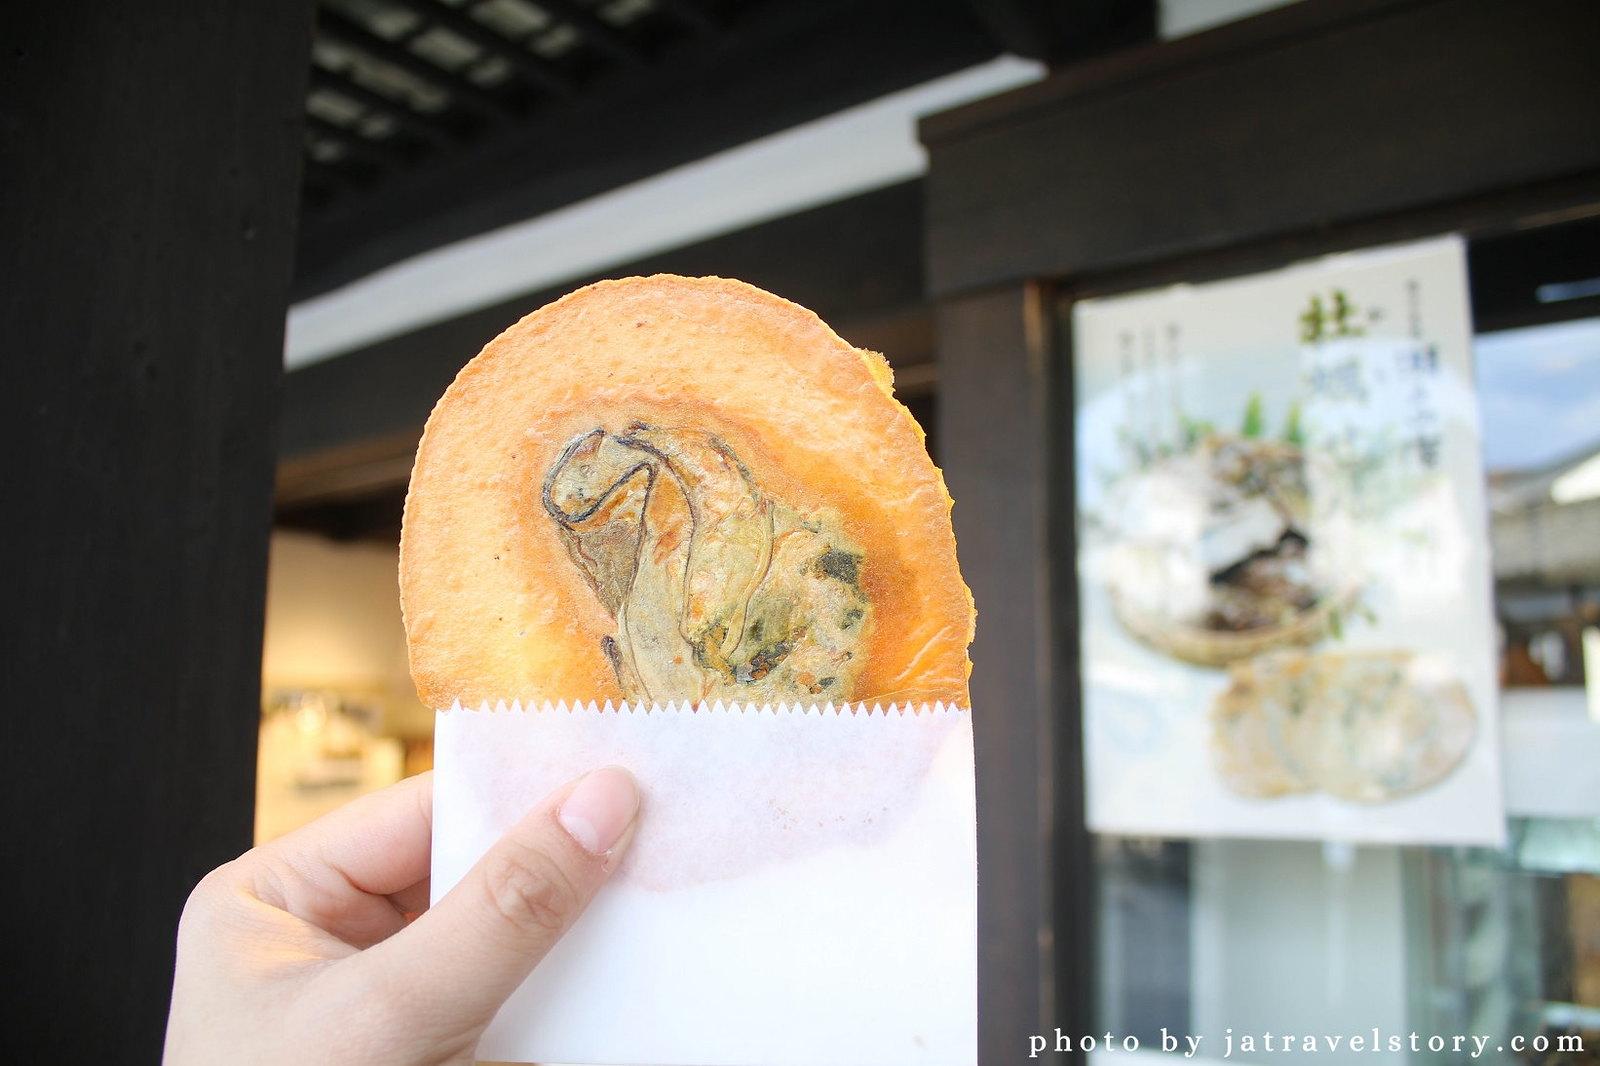 【倉敷美食】備中倉敷 瀬戸内庵牡蠣煎餅 @J&A的旅行